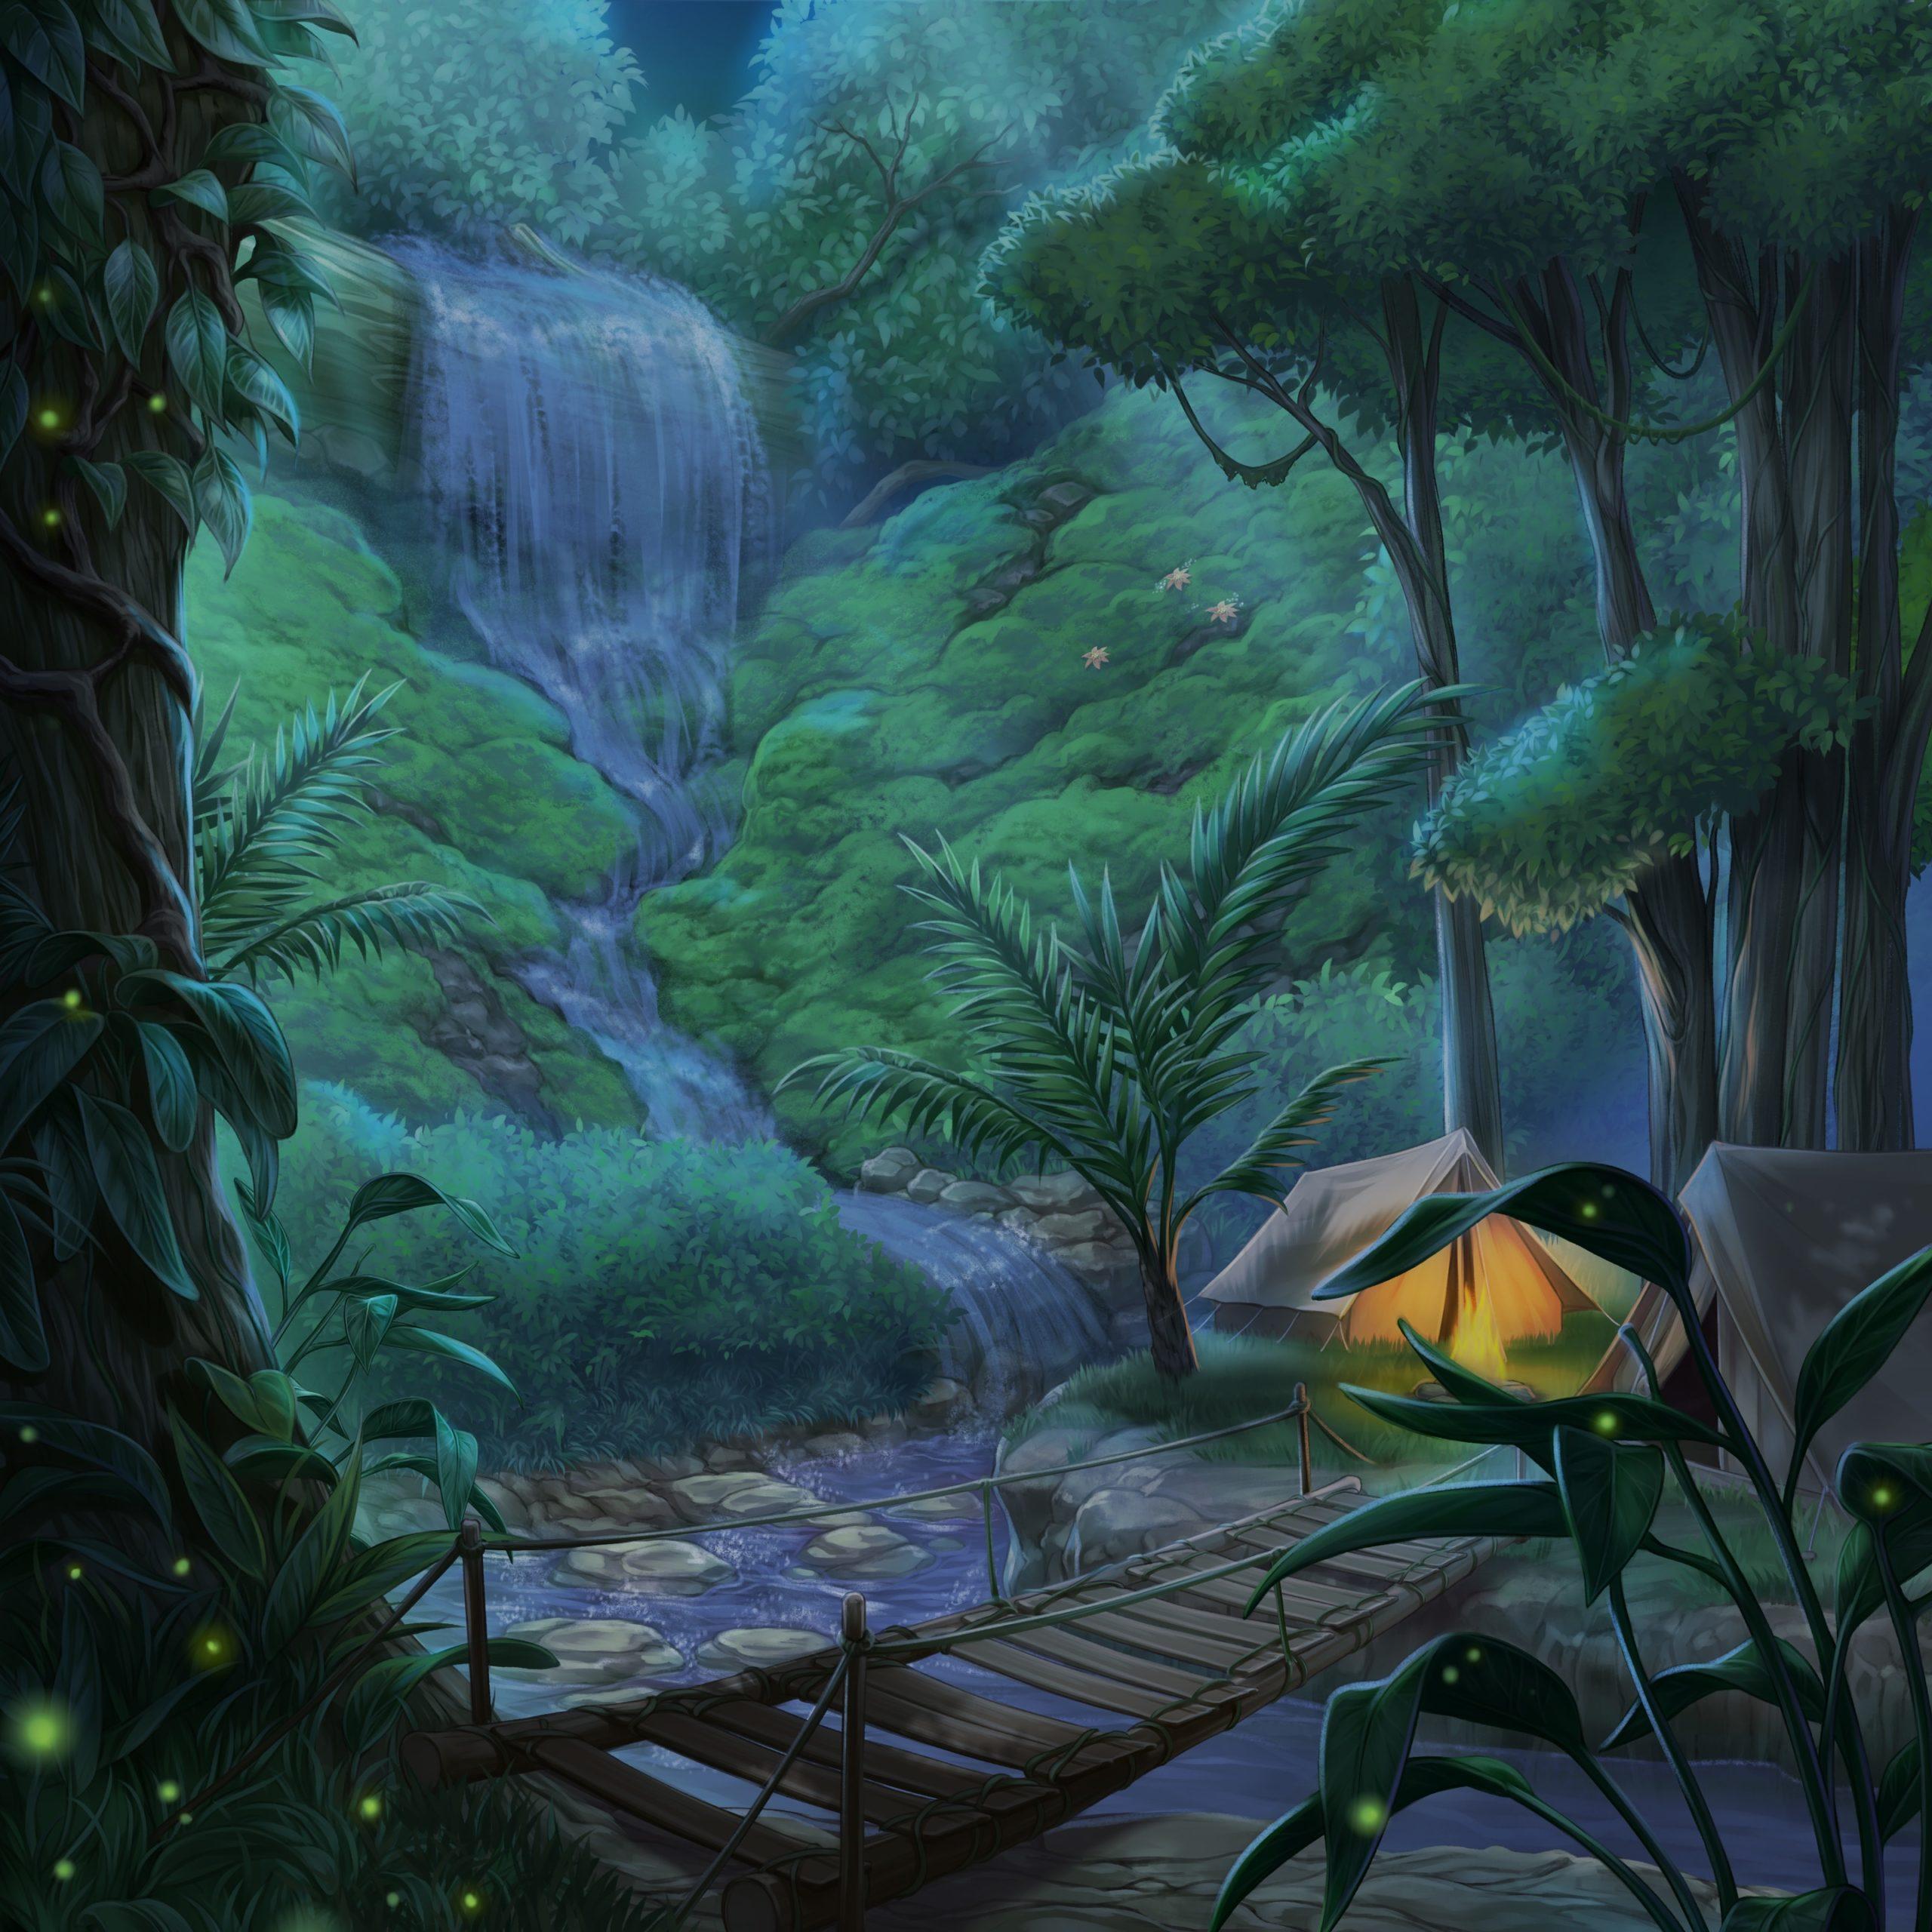 Sebastian personnage de Is It Love et vue de la jungle